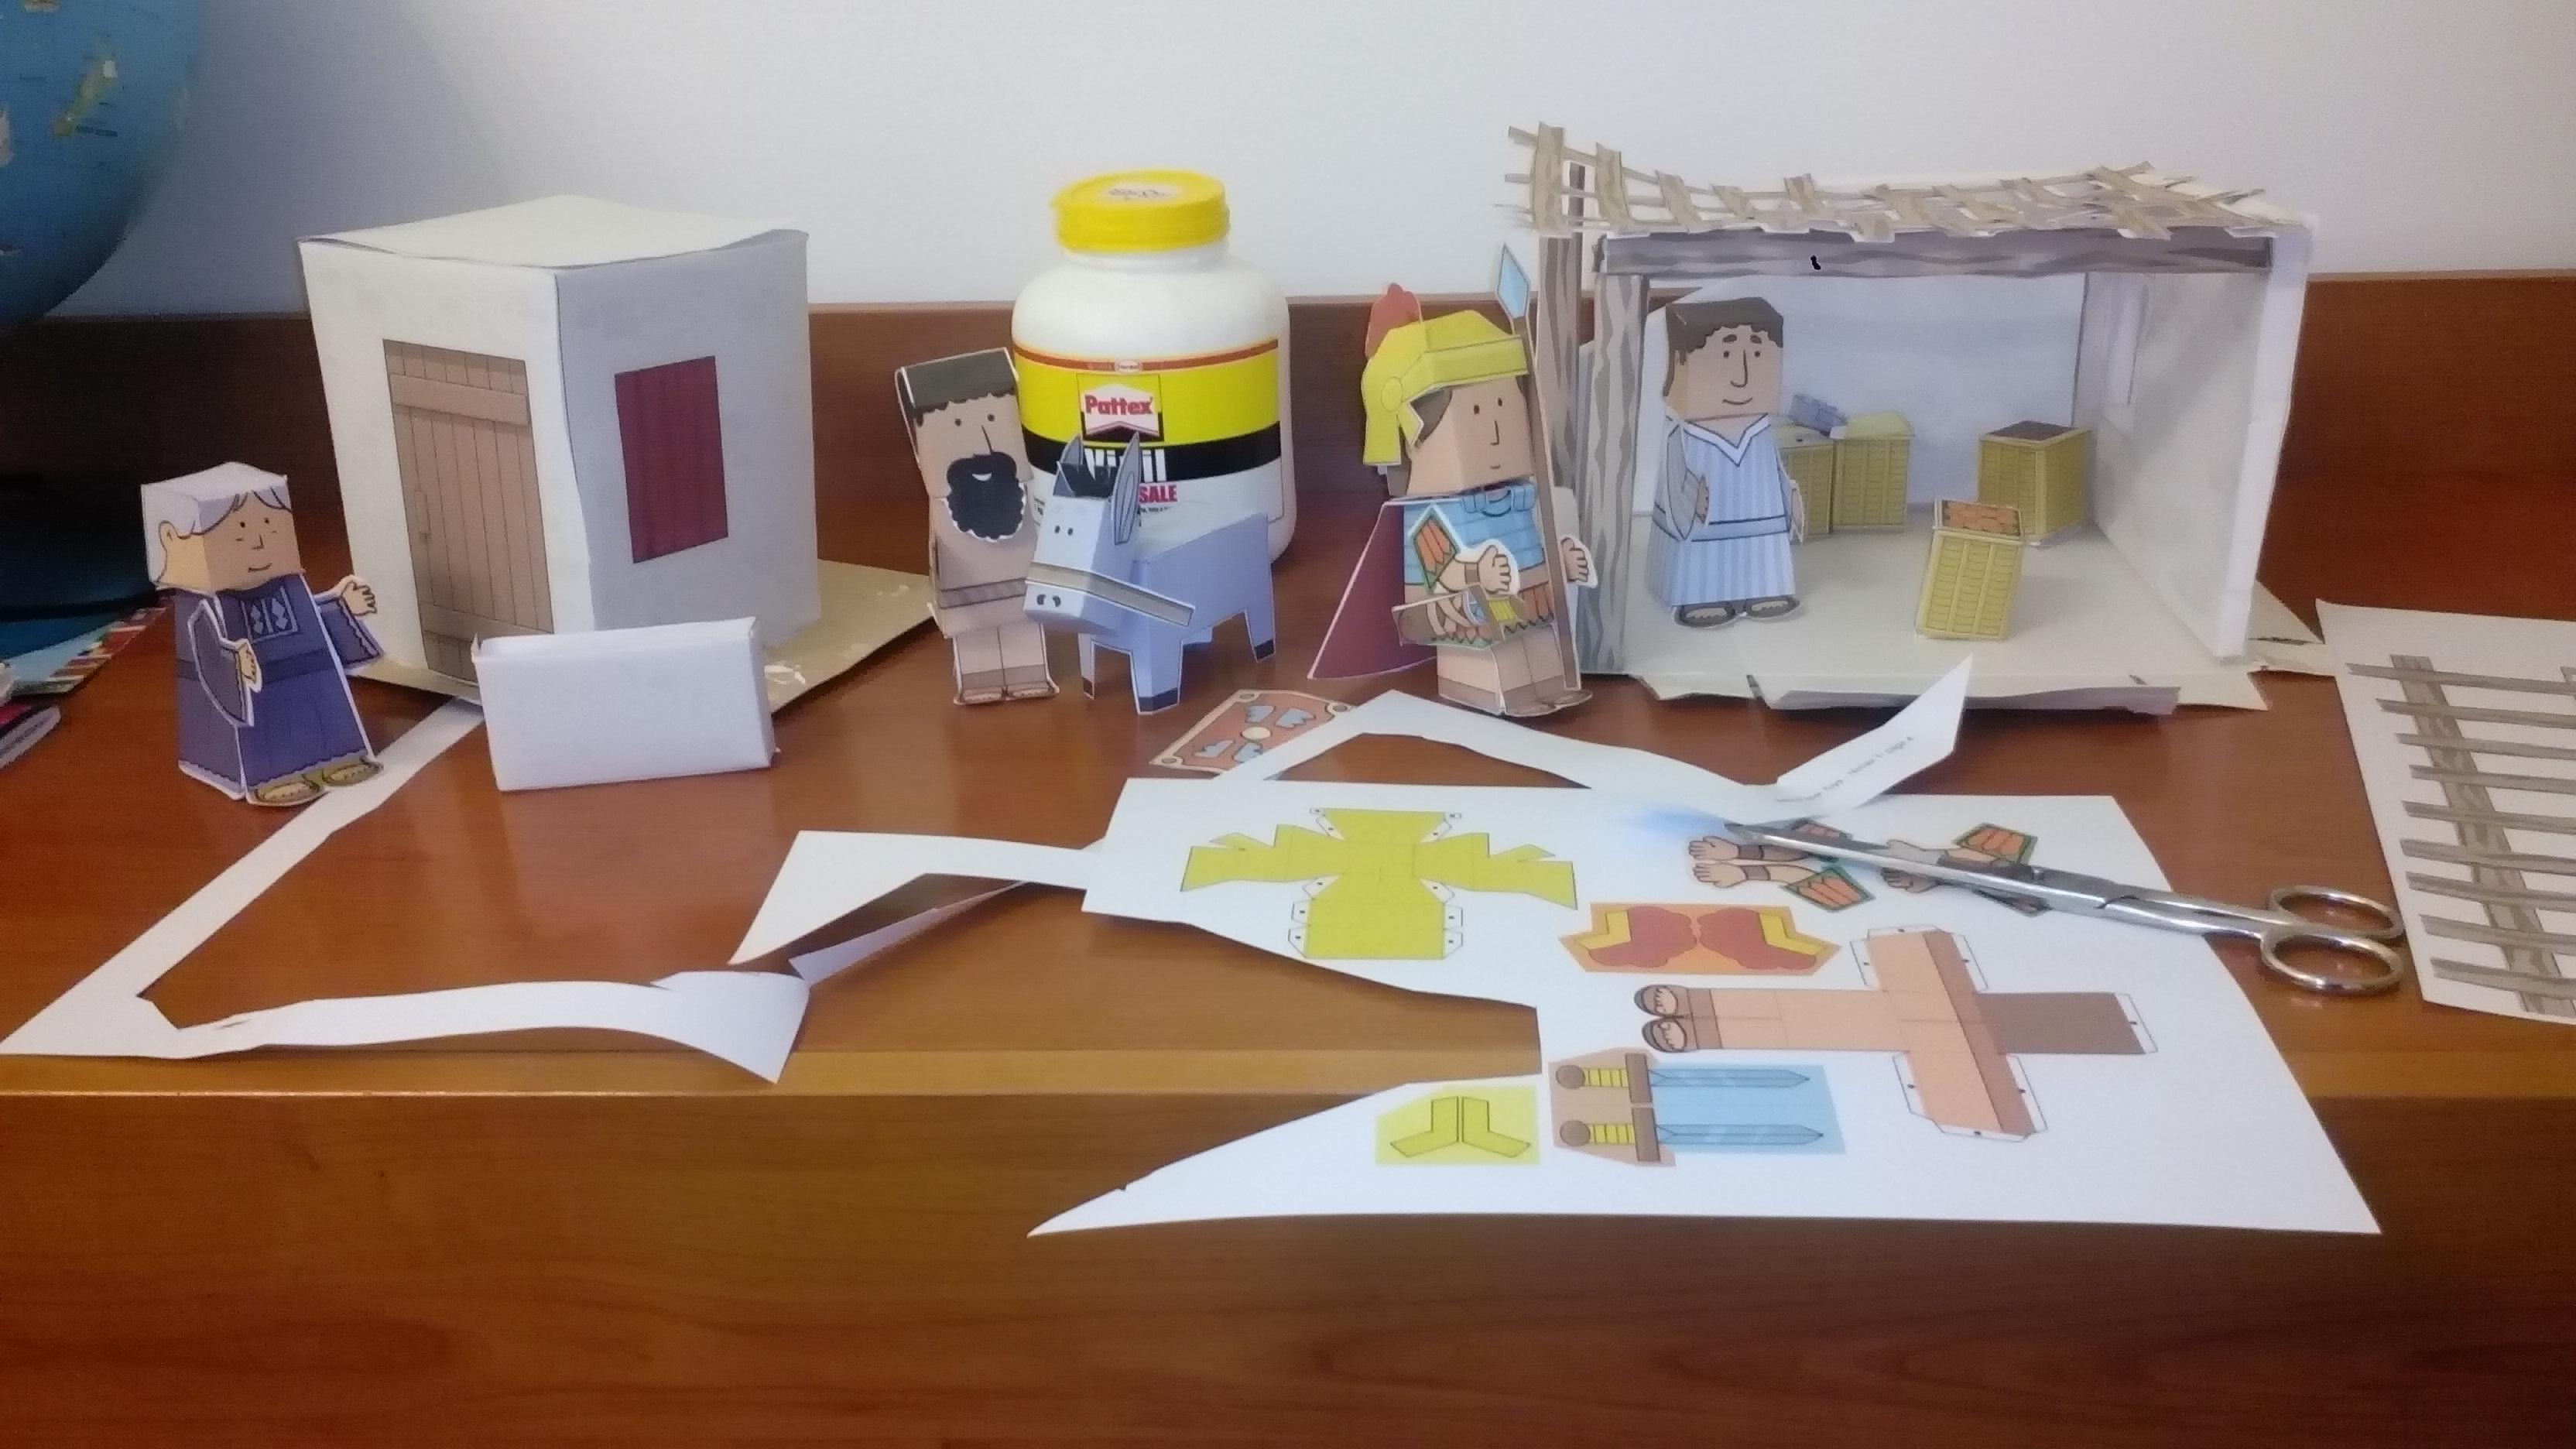 preparazione e ritaglio case e personaggi